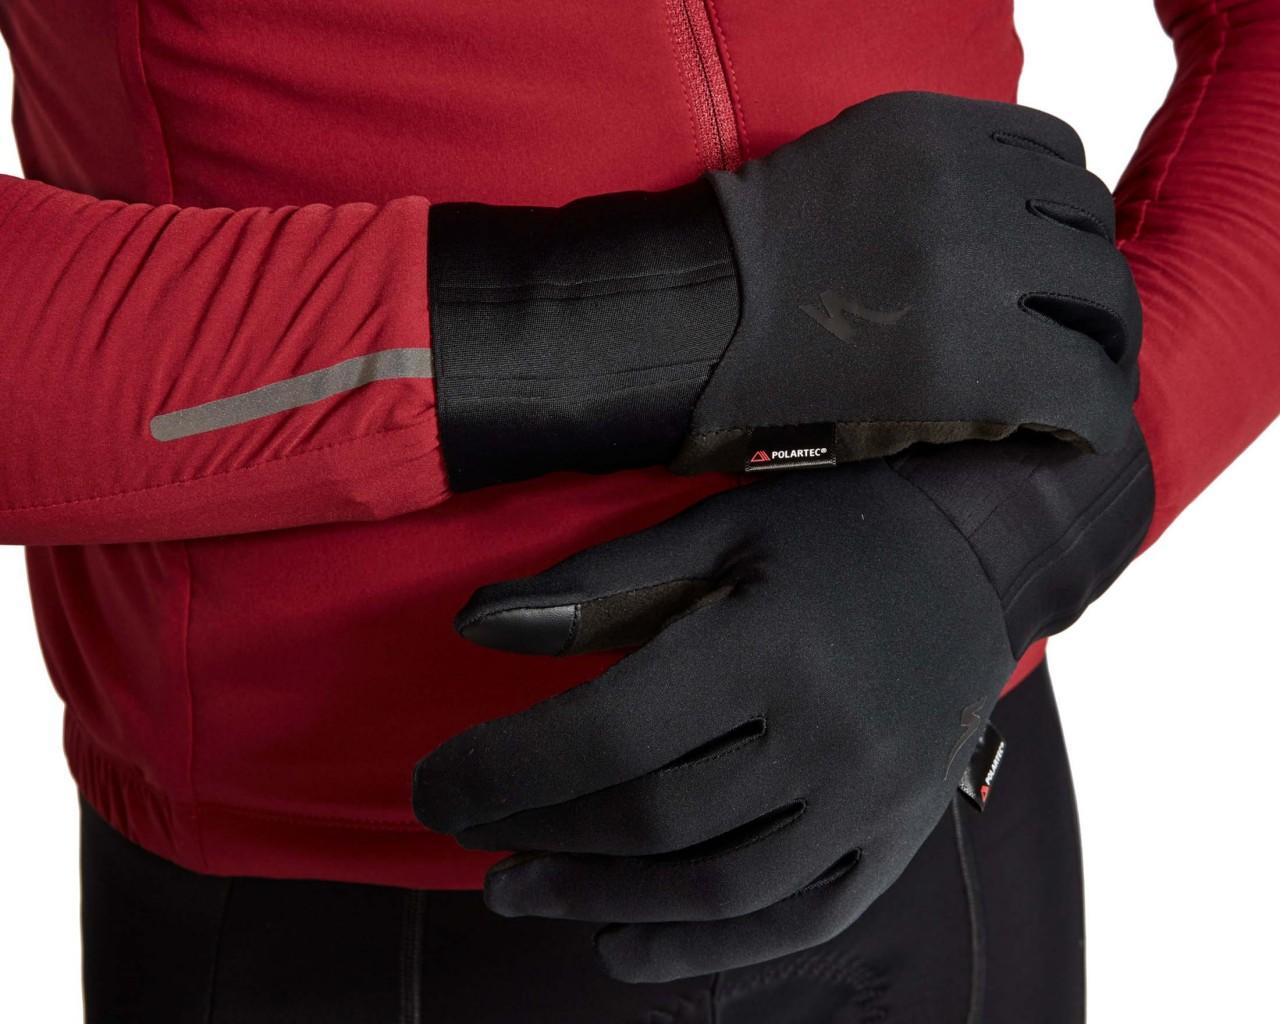 Specialized Prime-Series Neoshell Thermal Damen Handschuhe langfinger   black